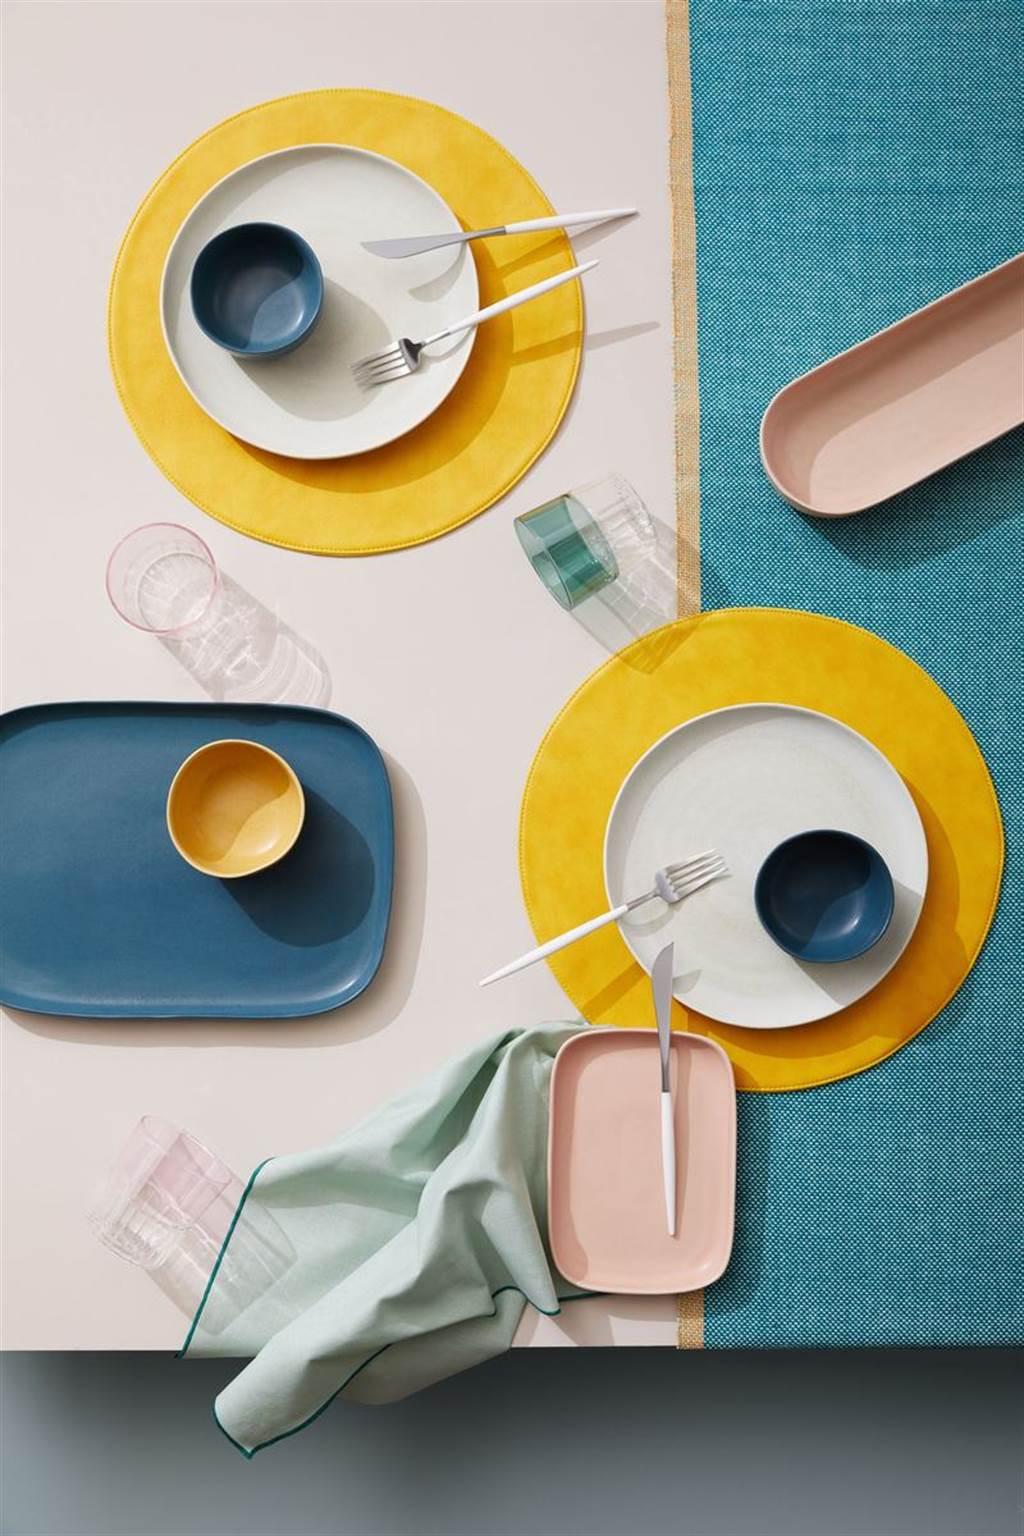 ▲藉由釉料與細微的色調變化打造的餐具組,賦予手工感外觀,隨興混搭使用,打造出具有現代感的彩色餐桌。(Coimbra餐具系列。圖片提供/Crate and Barrel)